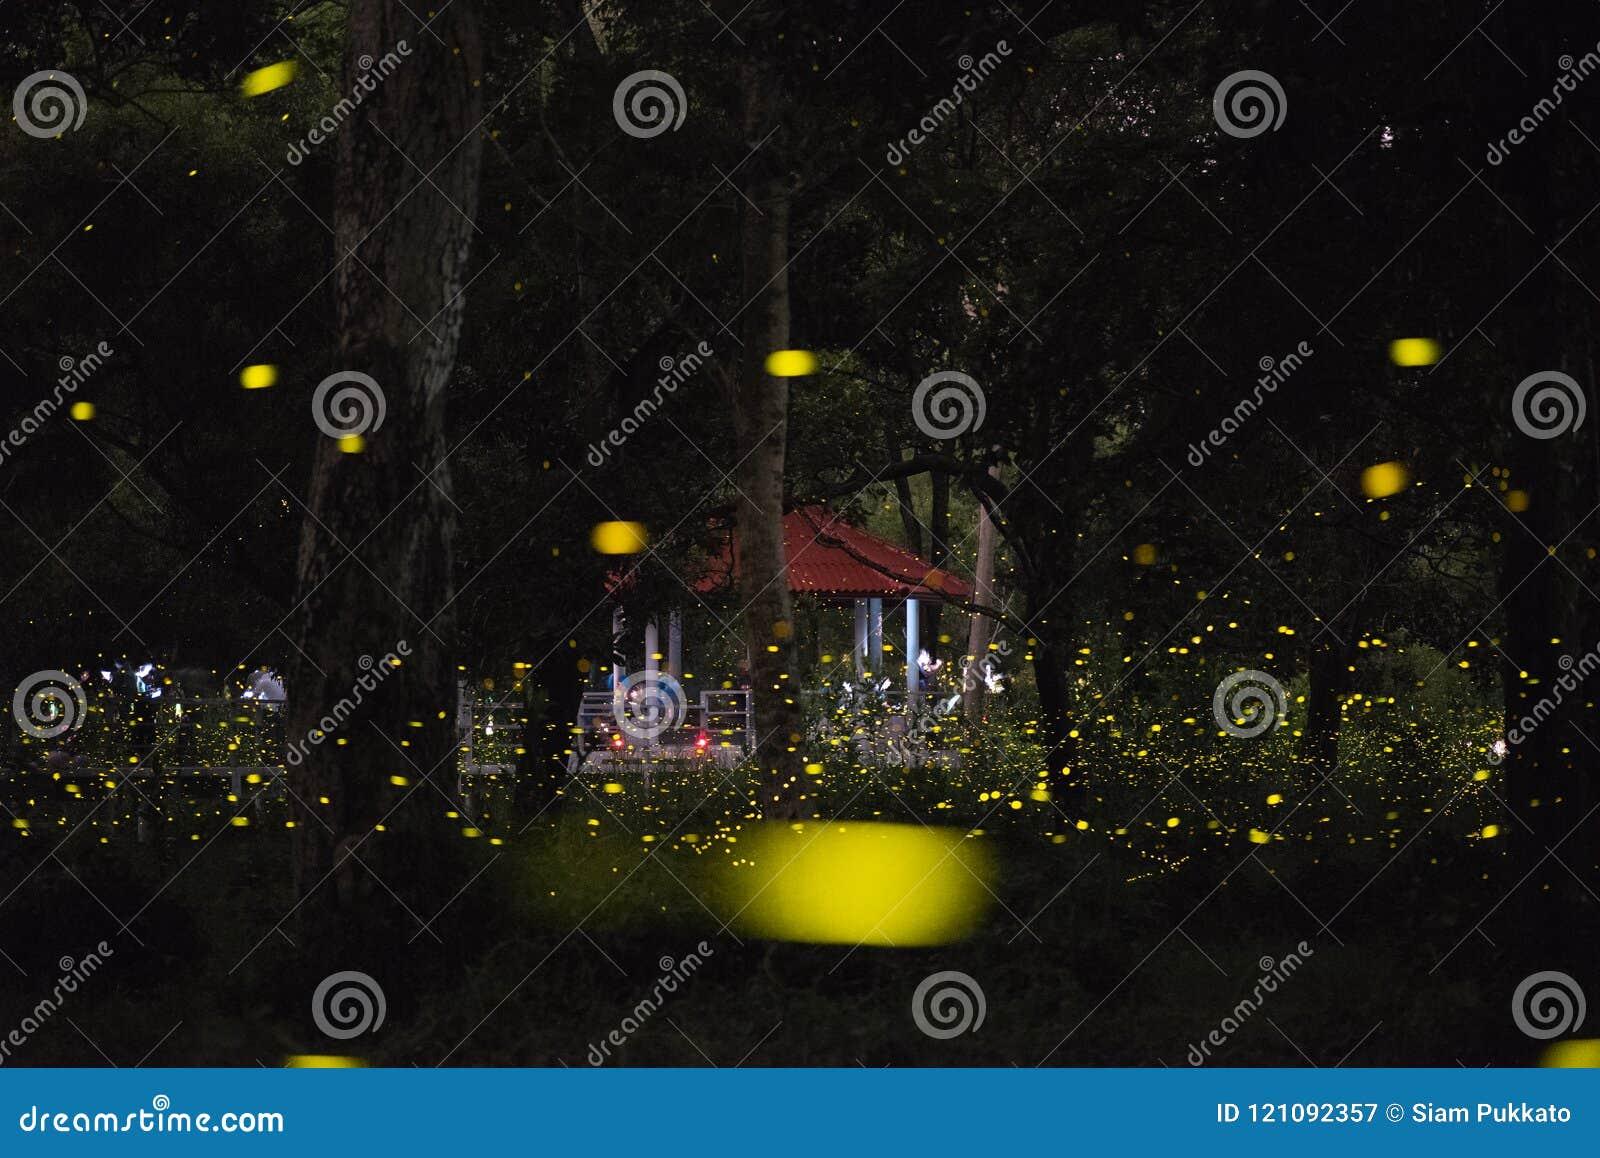 Imagen abstracta y mágica del vuelo de la luciérnaga en el bosque de la noche